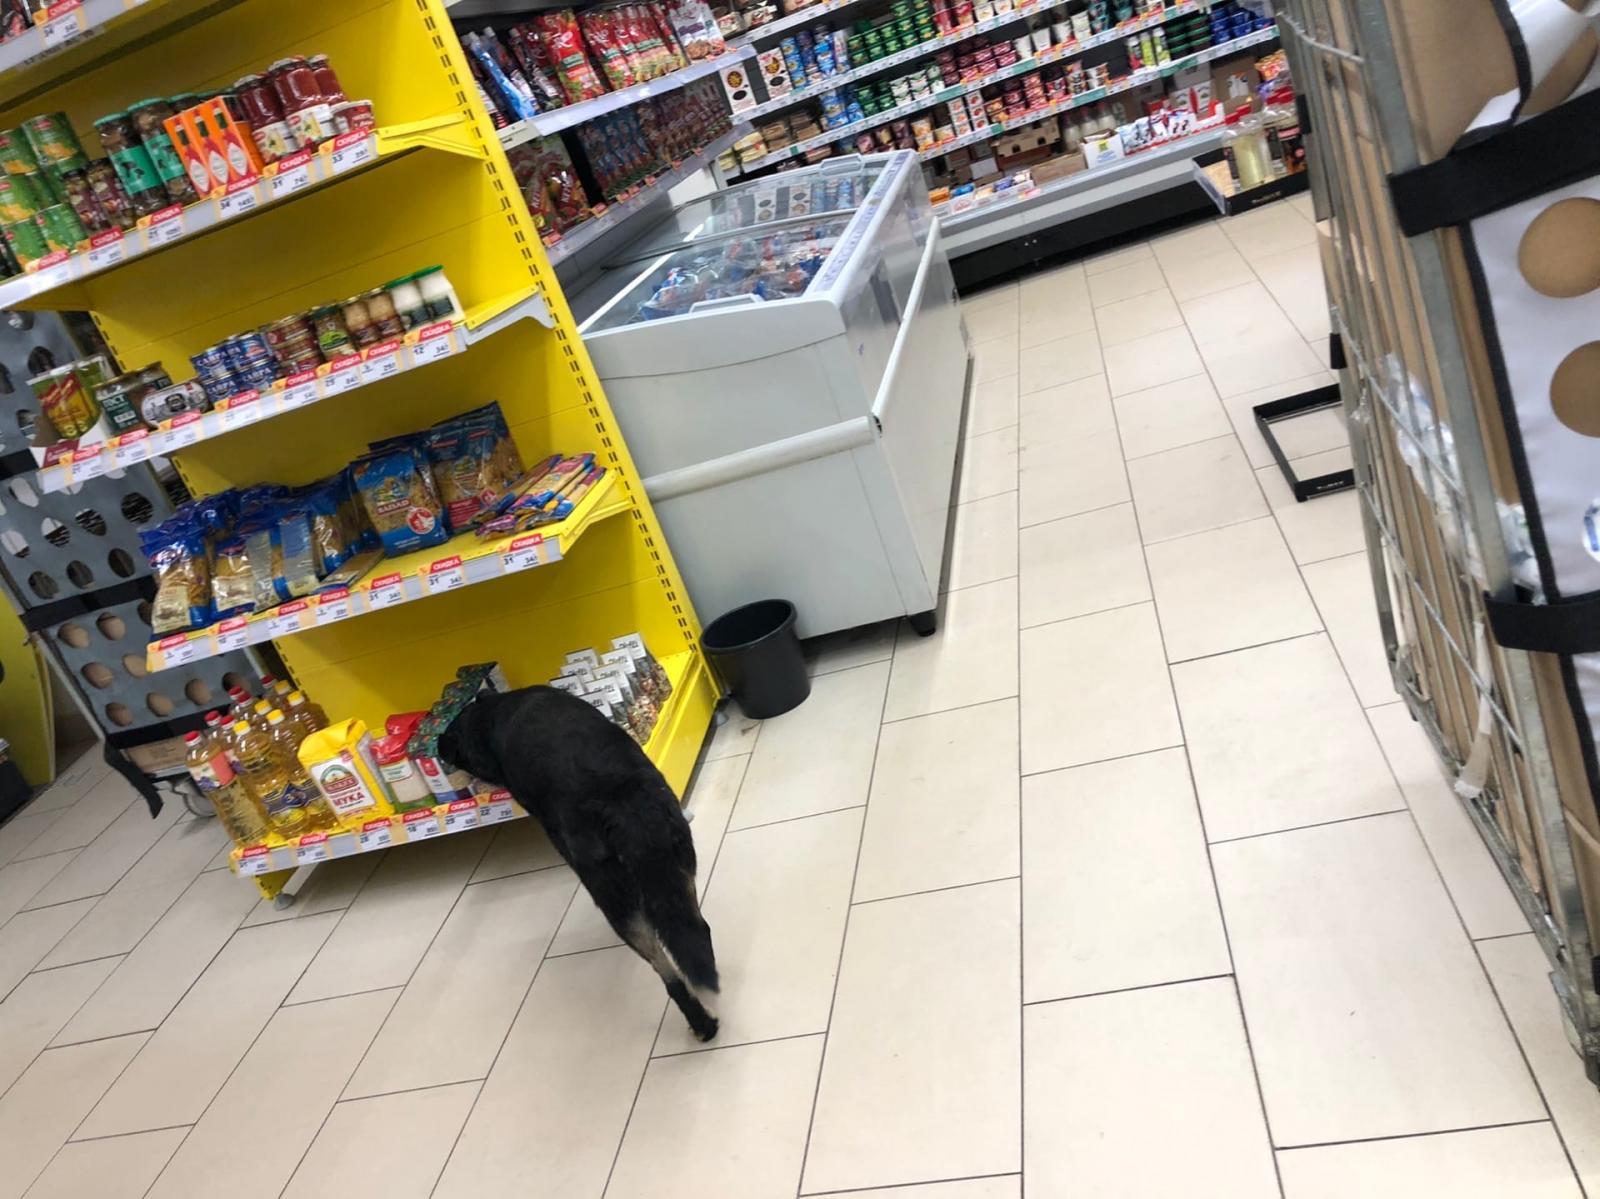 По брянскому супермаркету прогуливается дворовая собака